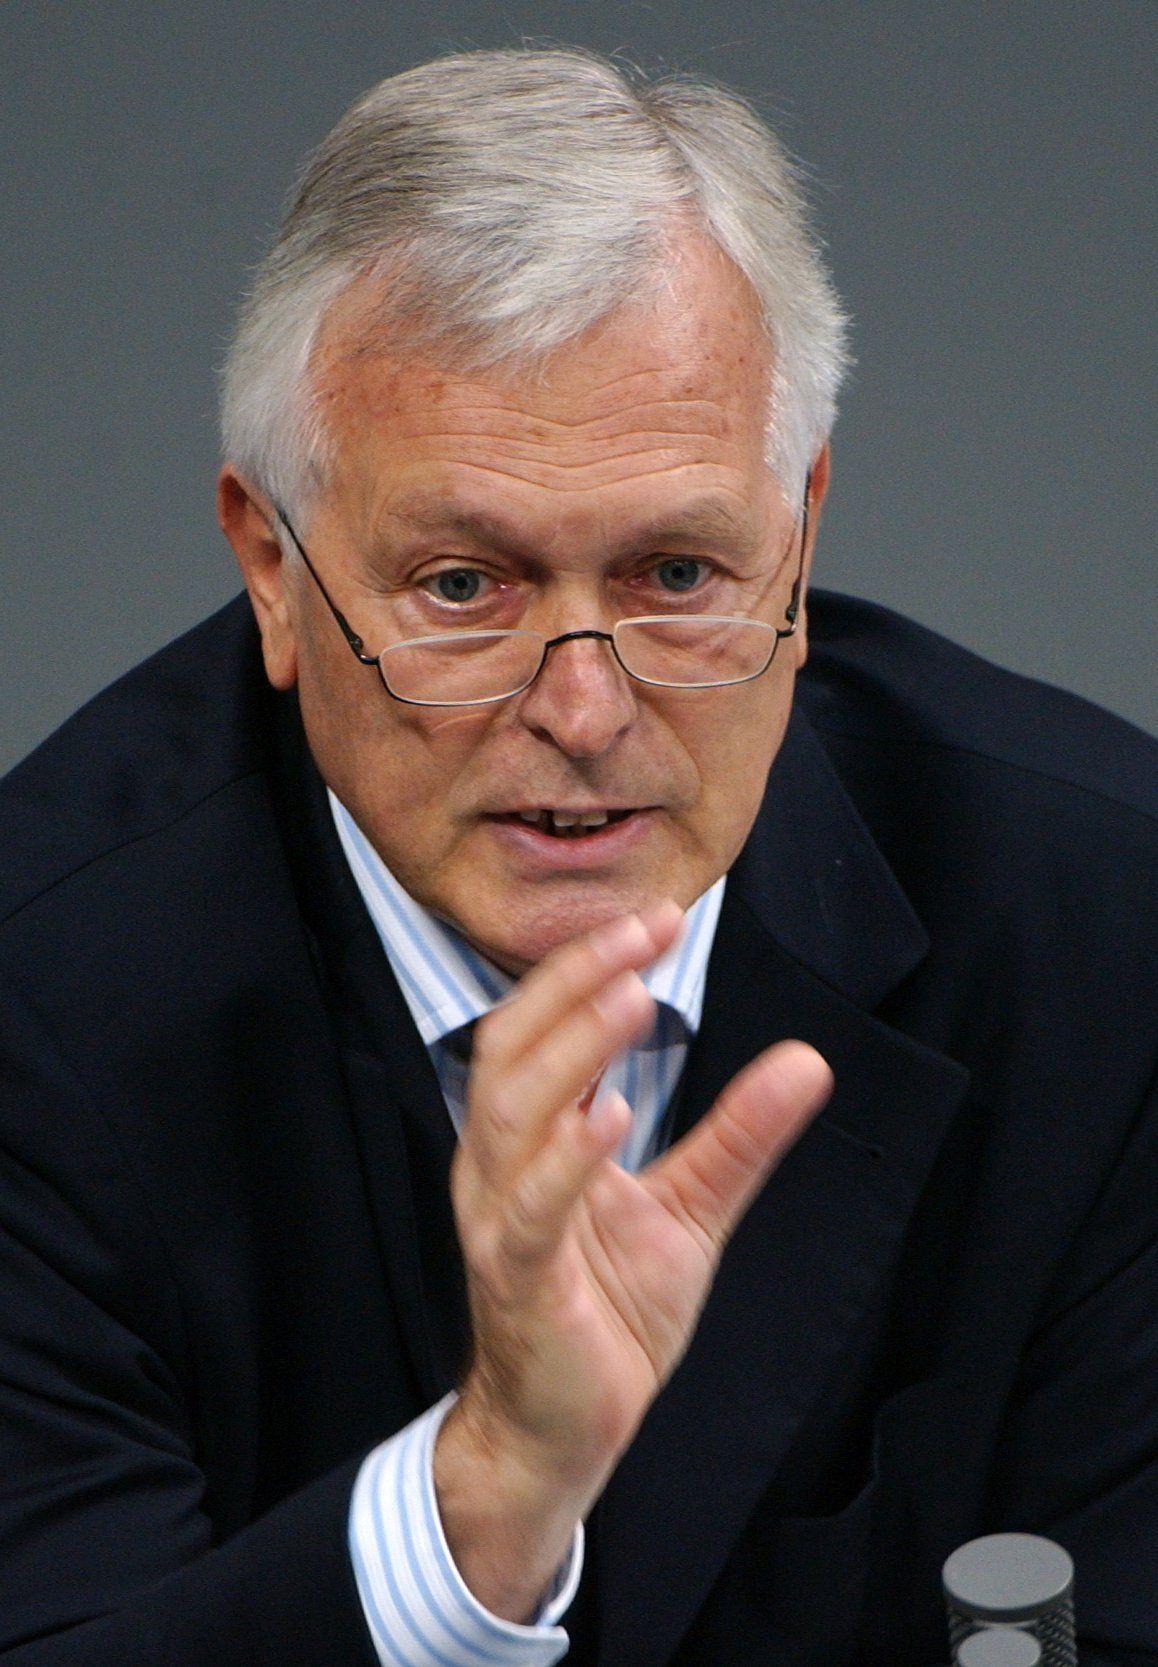 Ex-Geheimdienstkoordinator Bernd Schmidbauer